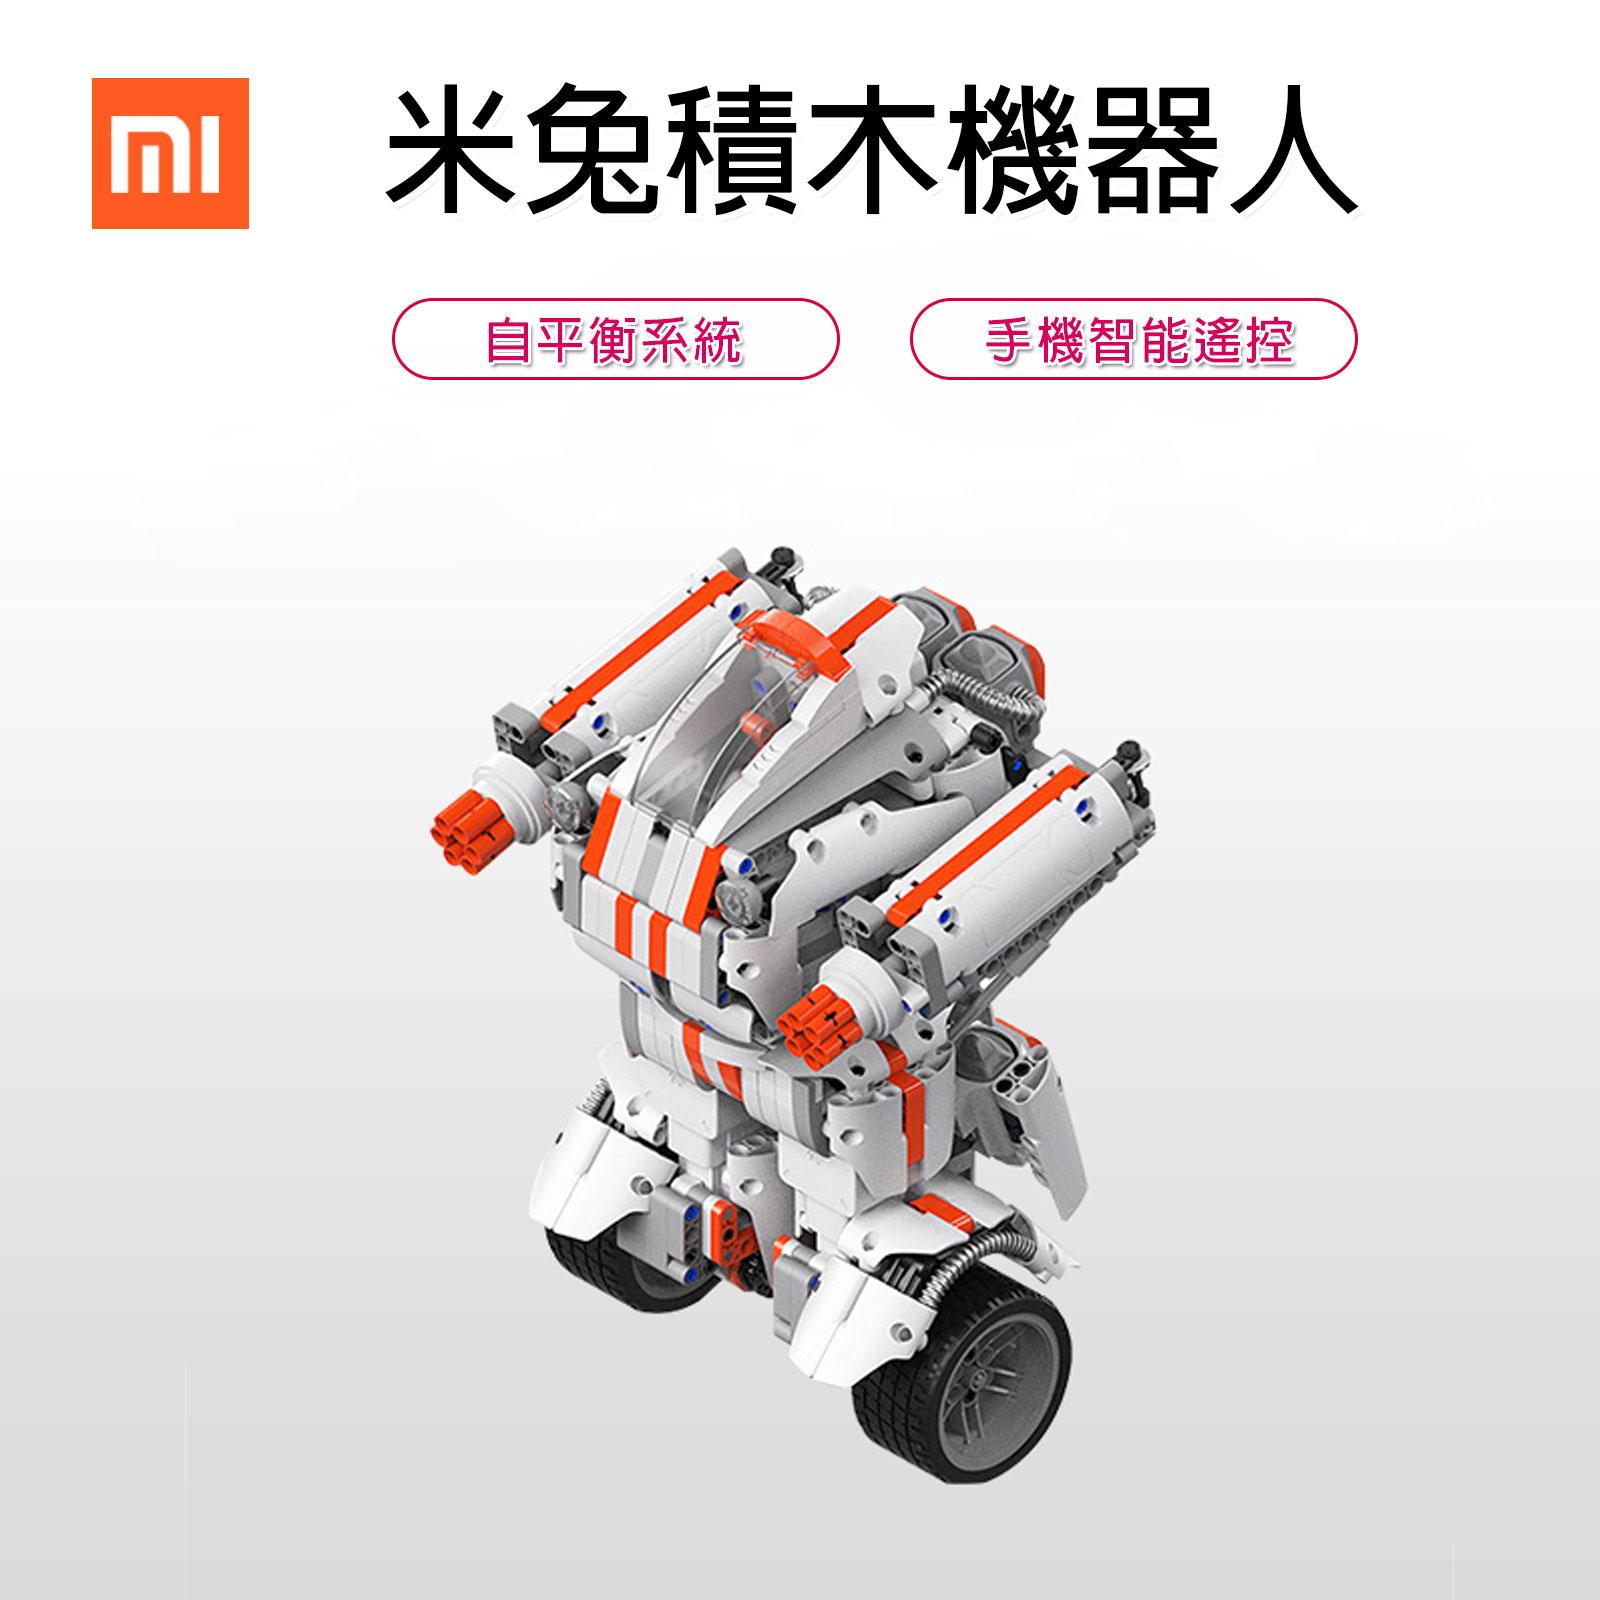 【原廠正品】米兔積木機器人 兒童益智 樂高機器人 遙控【O3355】☆雙兒網☆ 0